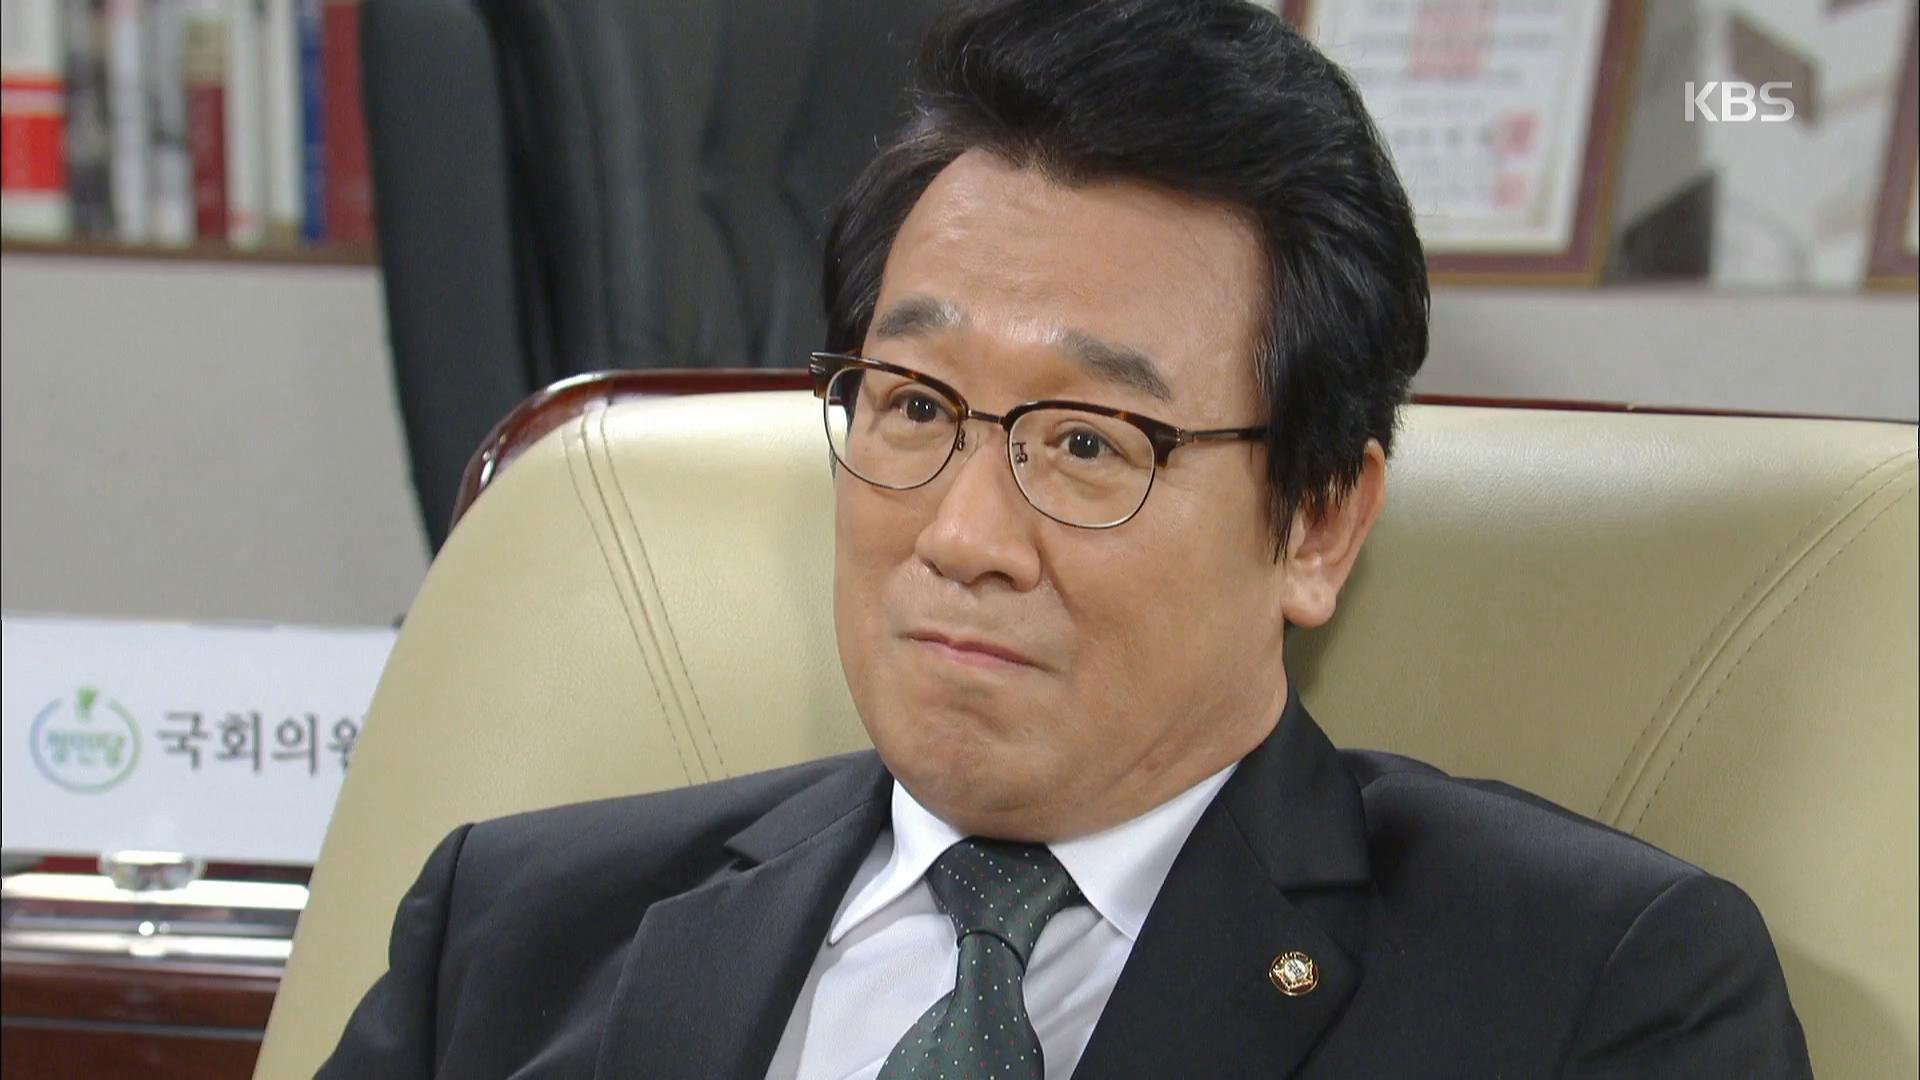 박철호, 배정화 버렸다?. 기자에게 내 딸이 아니다. 고소해.